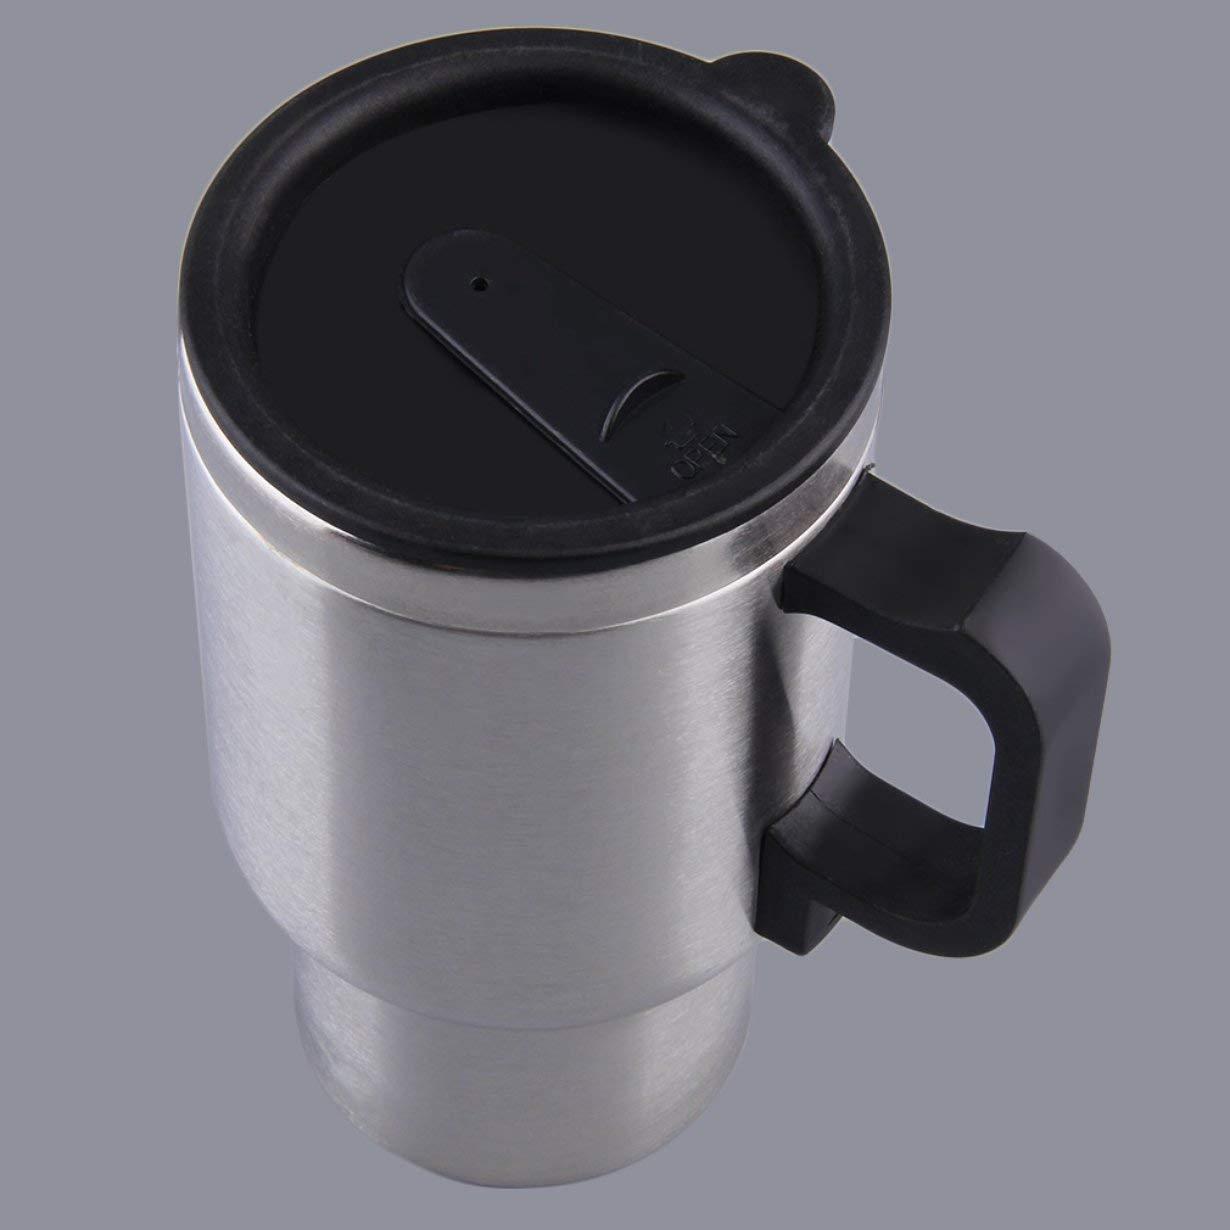 Cable Taza de calentamiento del autom/óvil taza de calentamiento autom/ática de 12 v Hervidor de agua el/éctrico Calentadores t/érmicos Tazas de agua hirviendo bottel accesorios para autom/óviles 500ML plata + negro